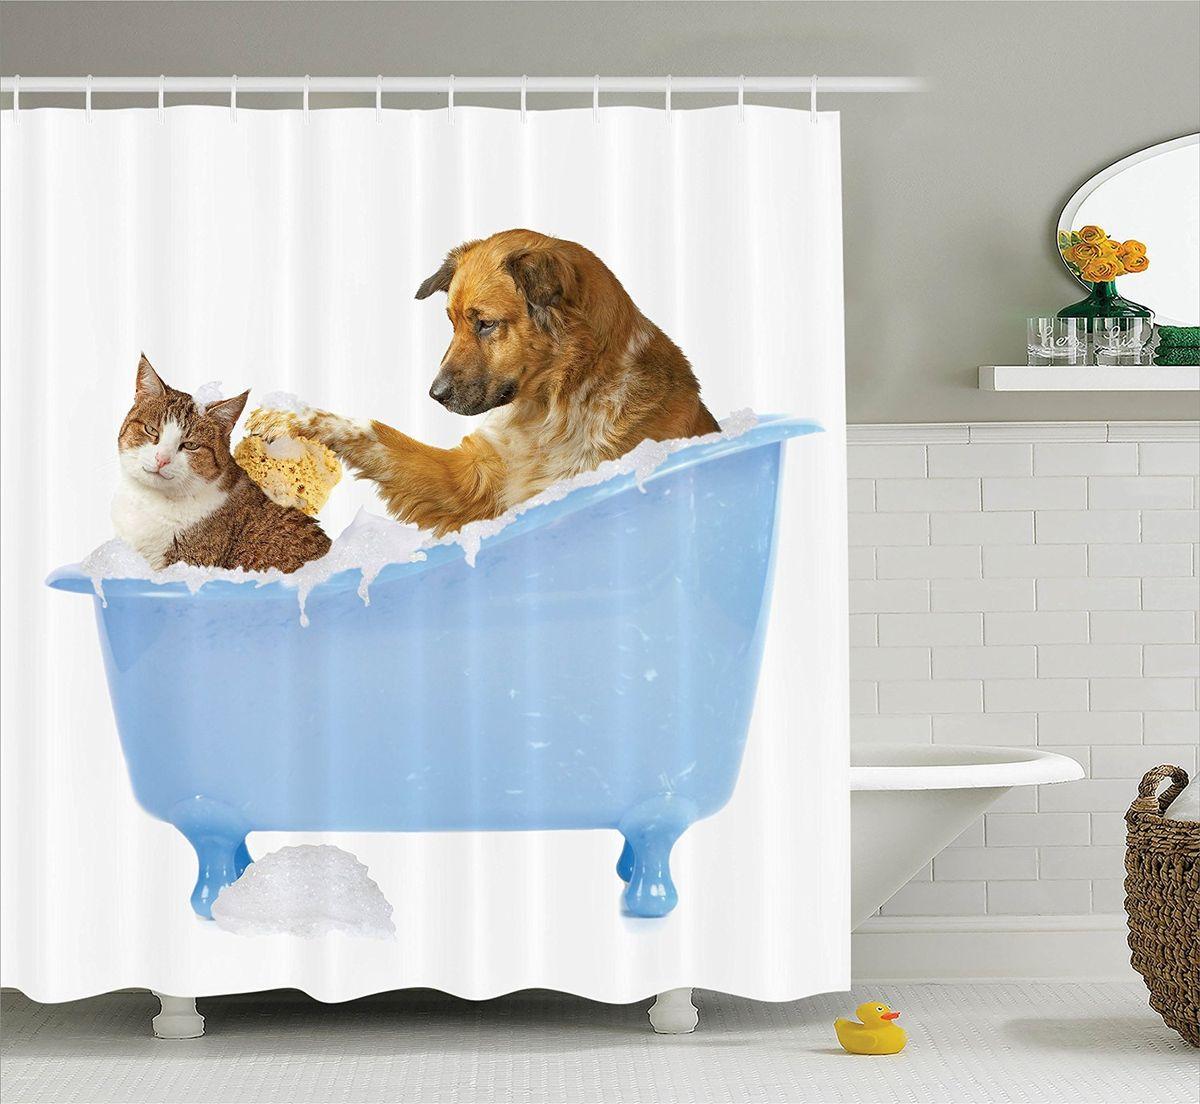 Штора для ванной комнаты Magic Lady Кот и пес, 180 х 200 см622-17Штора Magic Lady Кот и пес, изготовленная из высококачественного сатена (полиэстер 100%), отлично дополнит любой интерьер ванной комнаты. При изготовлении используются специальные гипоаллергенные чернила для прямой печати по ткани, безопасные для человека.В комплекте: 1 штора, 12 крючков. Обращаем ваше внимание, фактический цвет изделия может незначительно отличаться от представленного на фото.